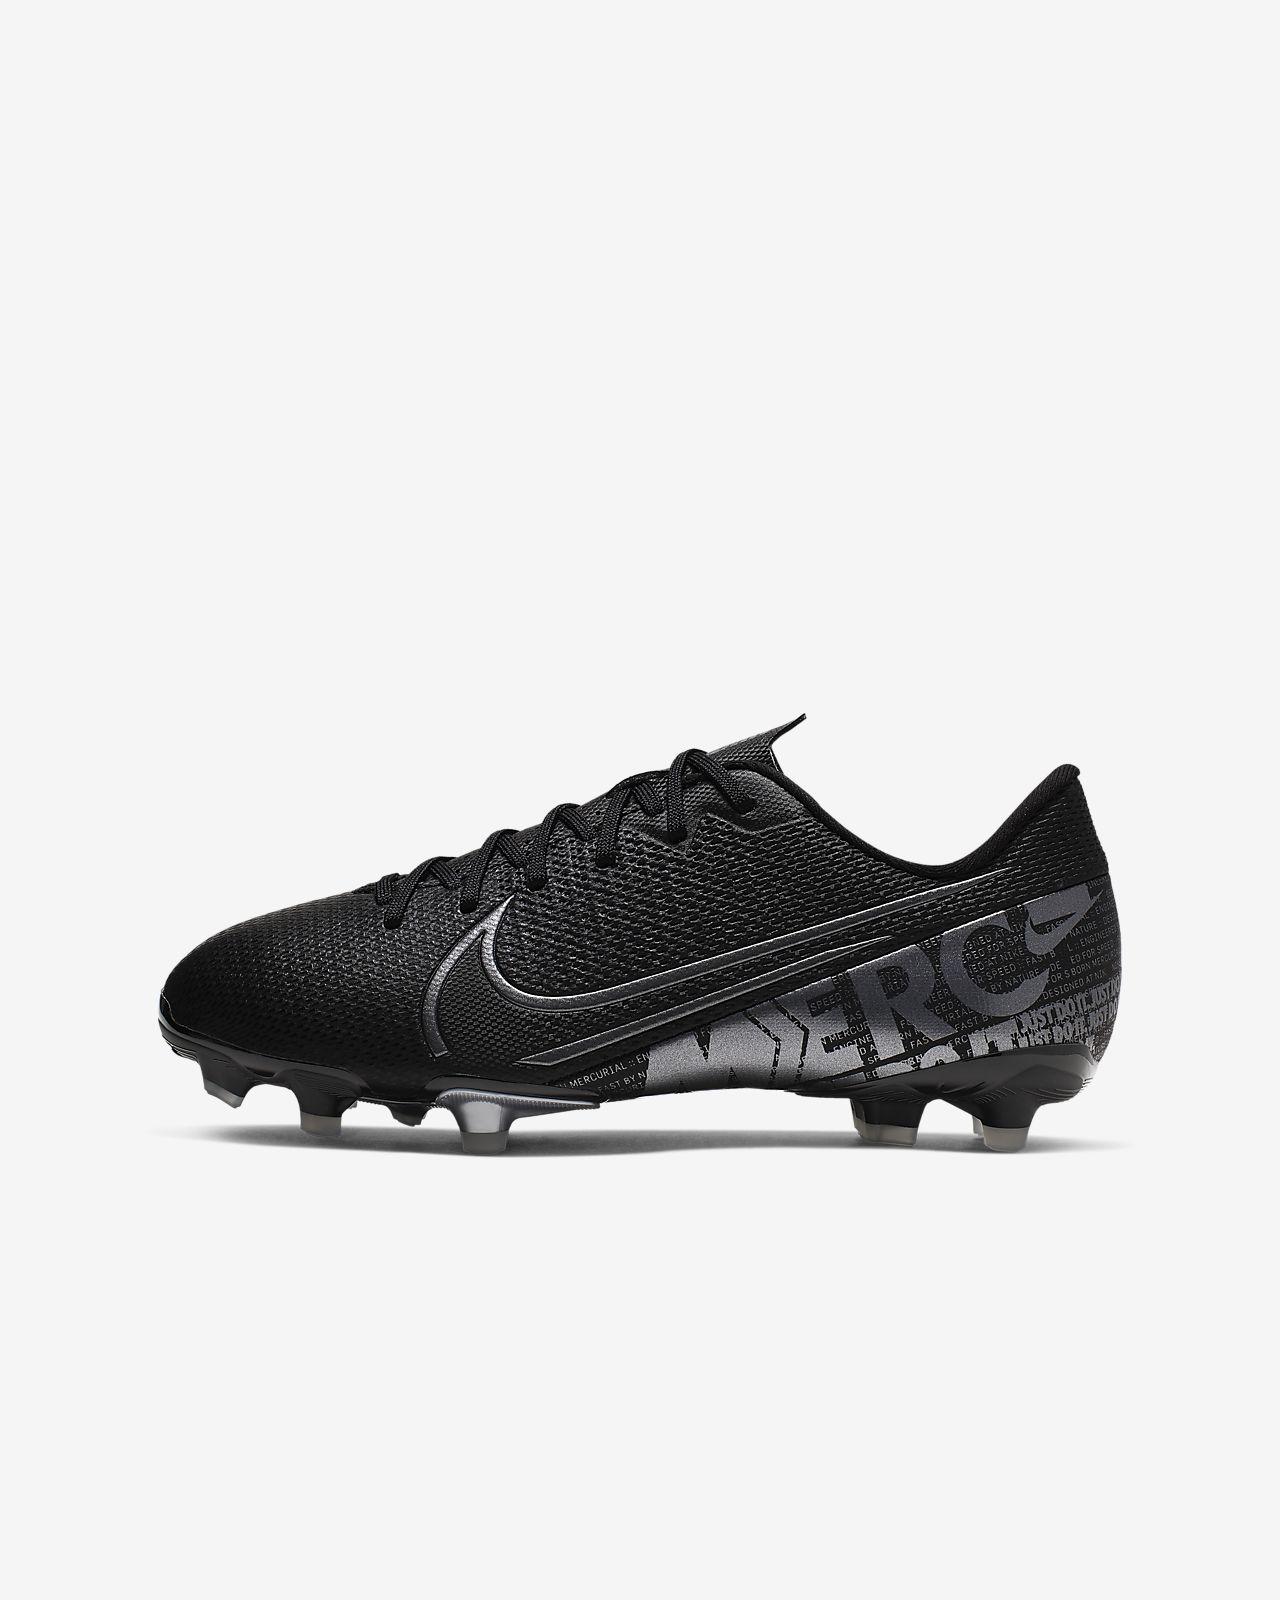 Chaussure Multi Surfaces De Enfant Pour Academy Vapor À 13 Mg Football Crampons JrMercurial Nike K3F1c5uTJl